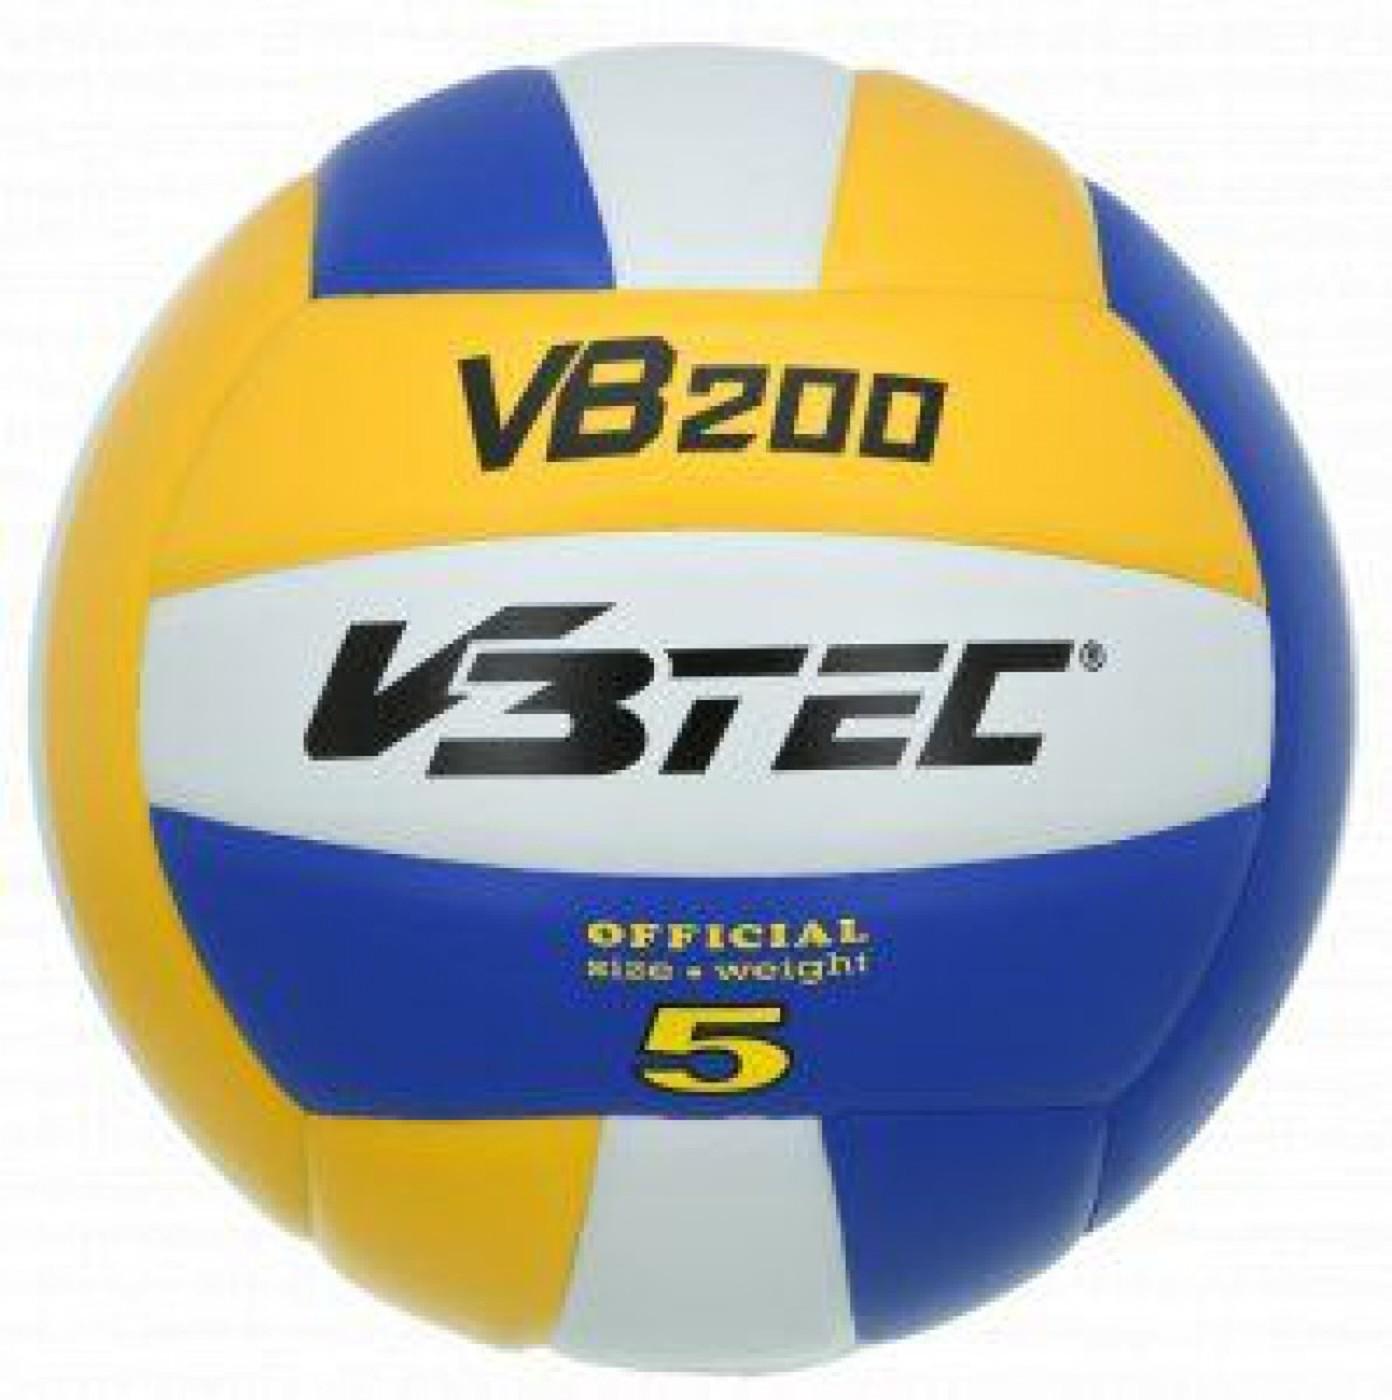 V3TEC VB 200 NEW